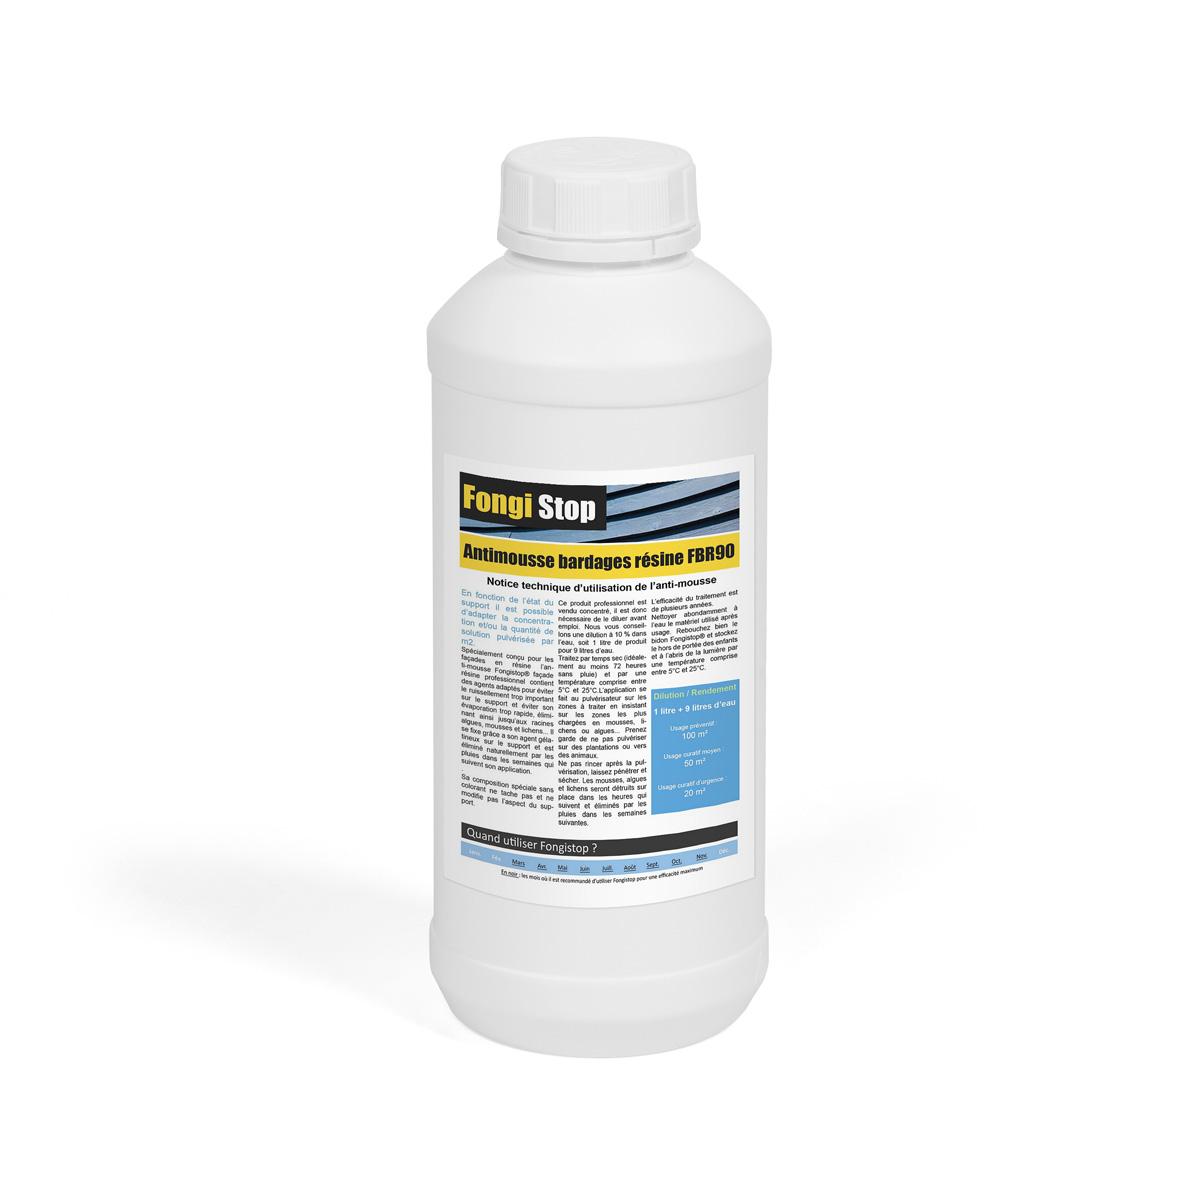 Produit Nettoyage Bardage Pvc anti-mousse façade bardages résine, ultra concentré fbr90 - 1 litre